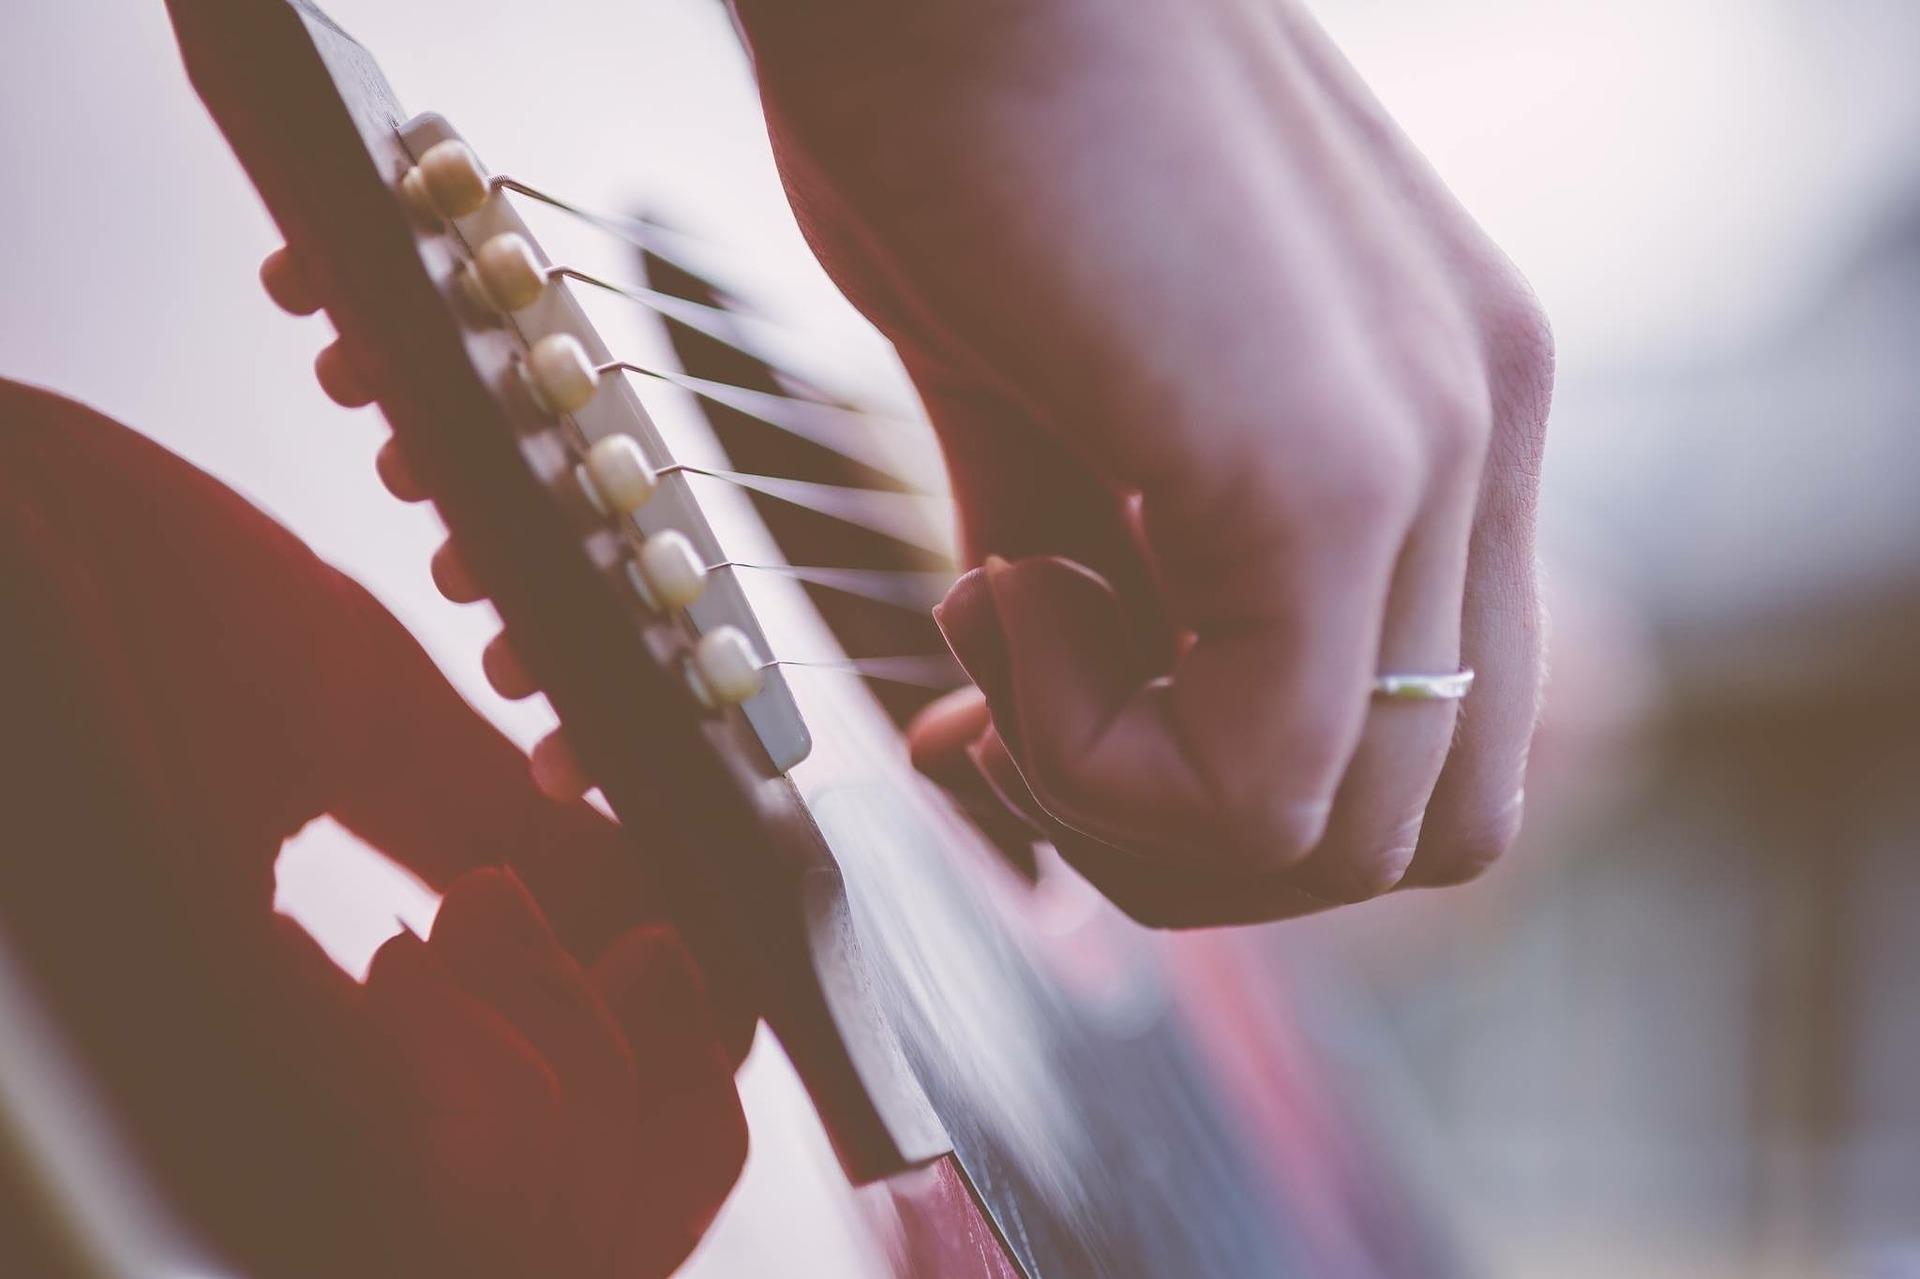 guitar-1354022_1920